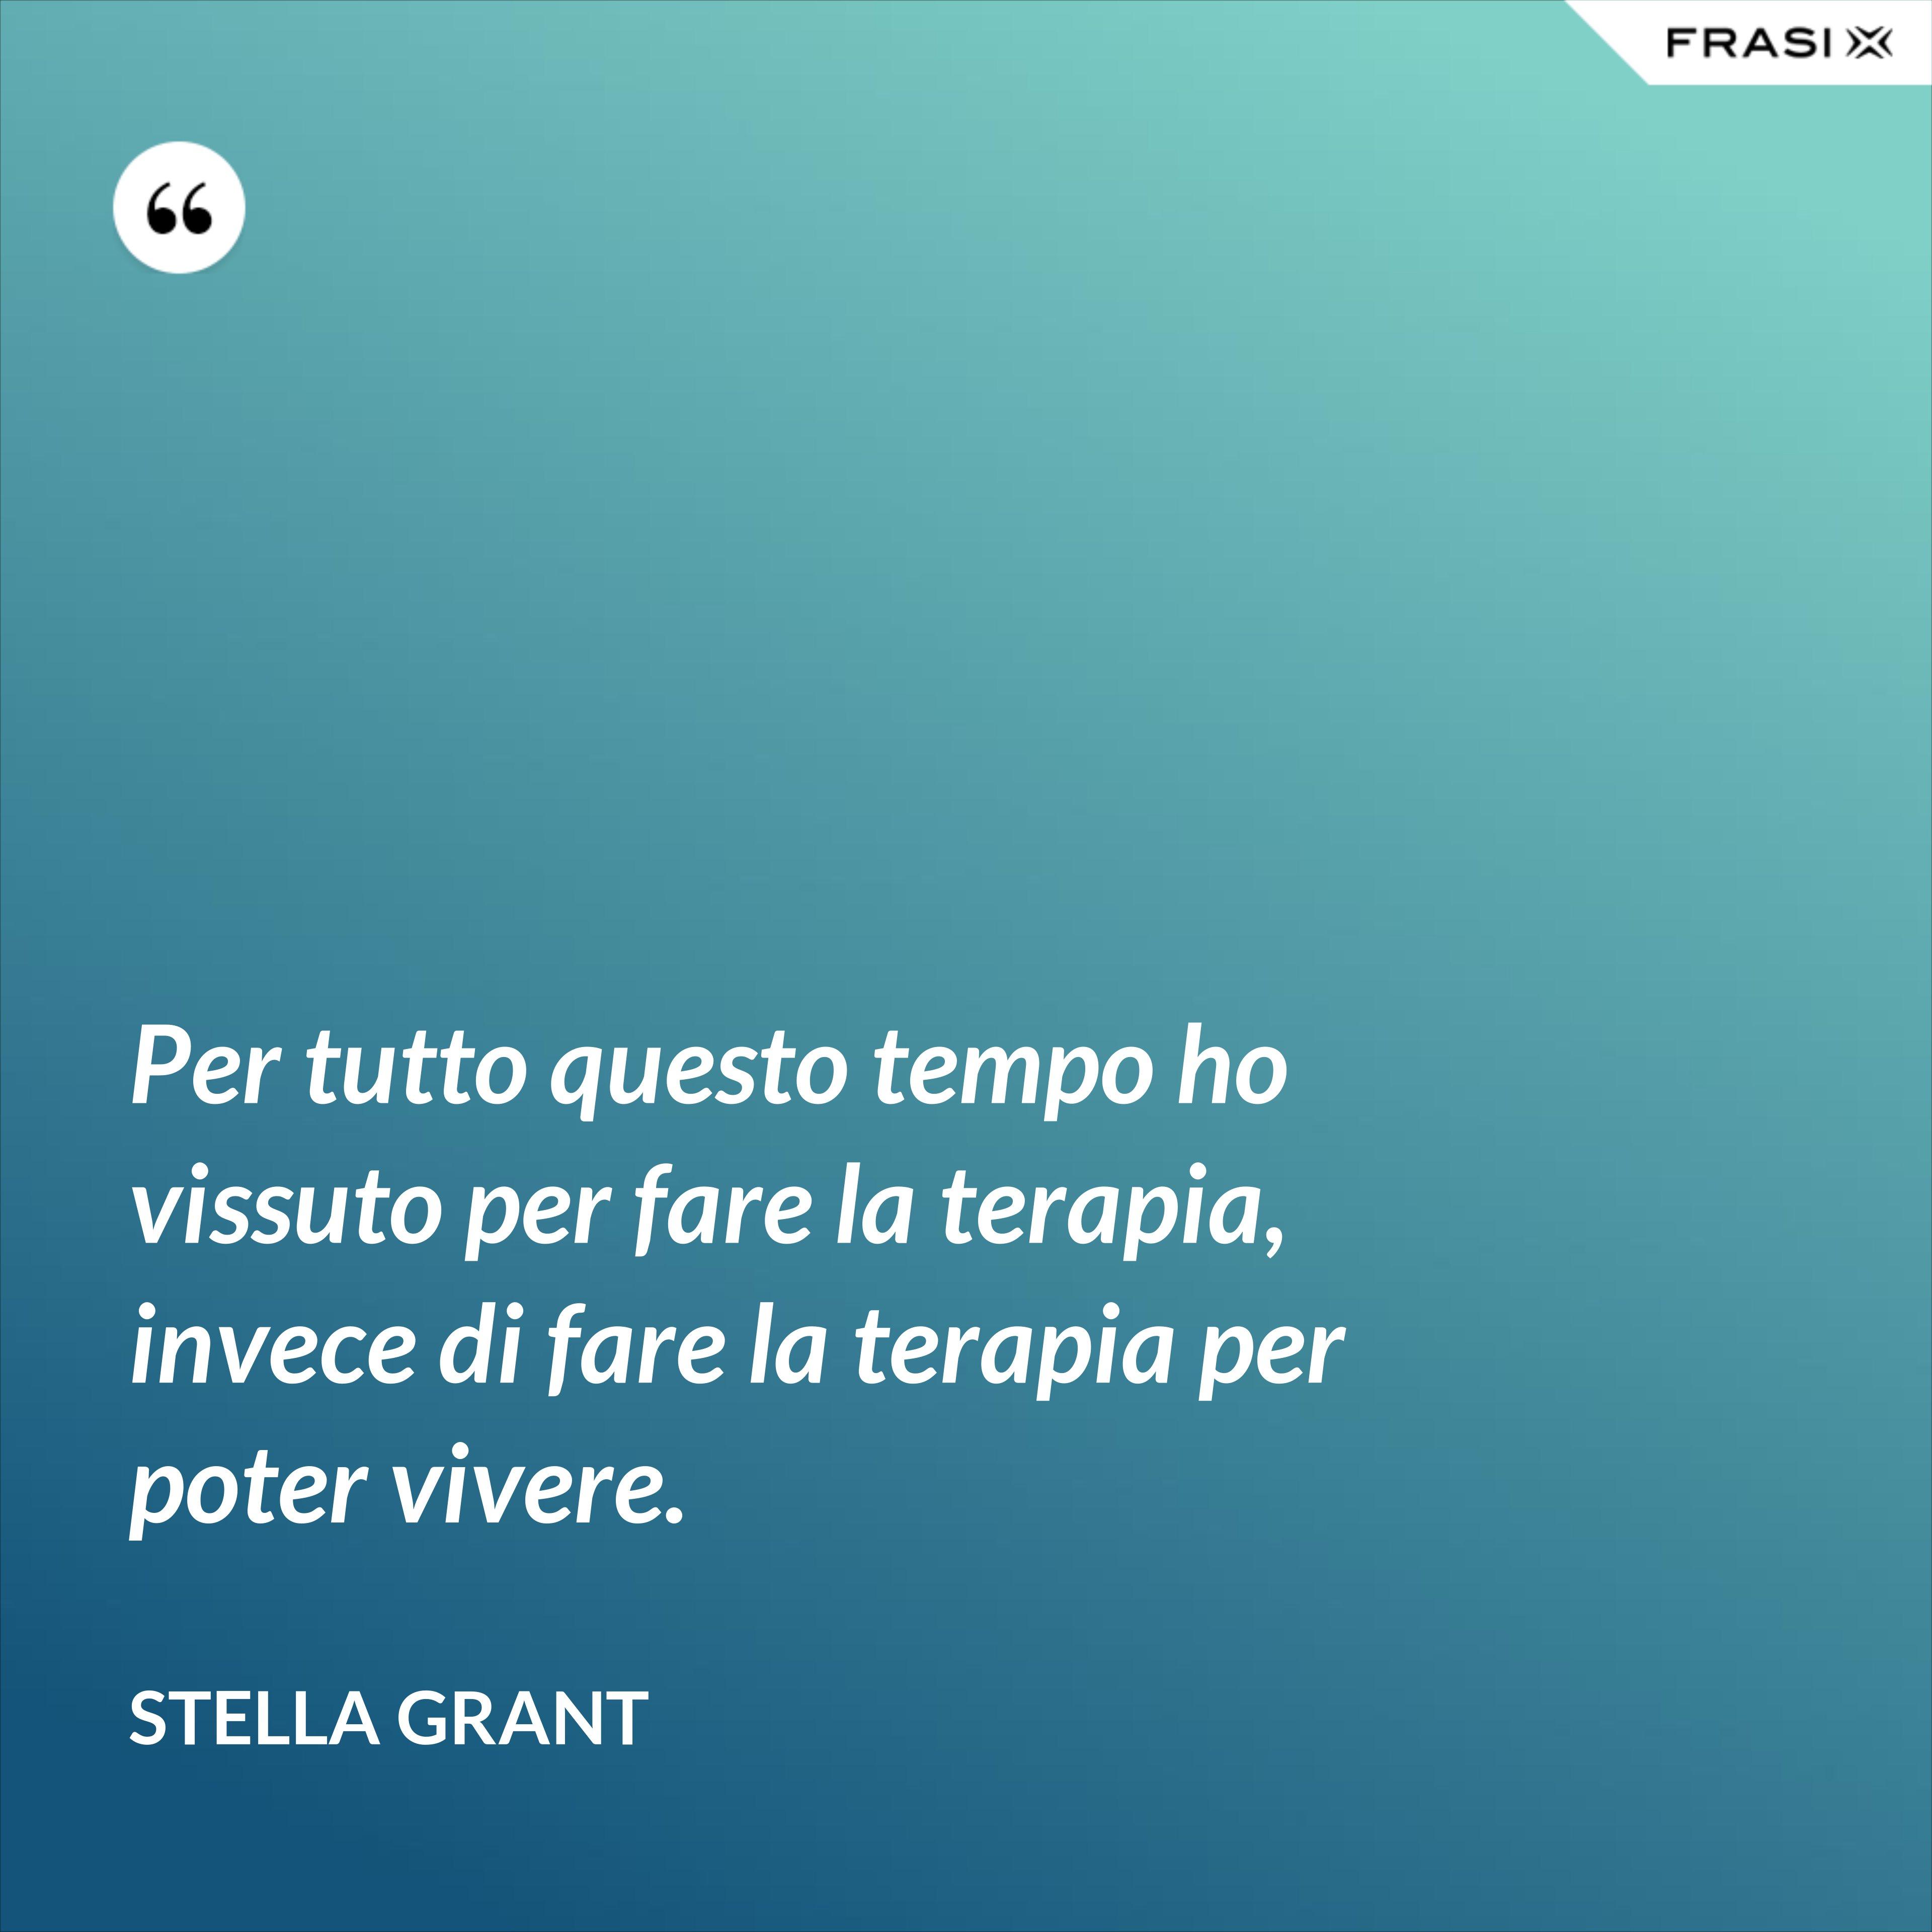 Per tutto questo tempo ho vissuto per fare la terapia, invece di fare la terapia per poter vivere. - Stella Grant